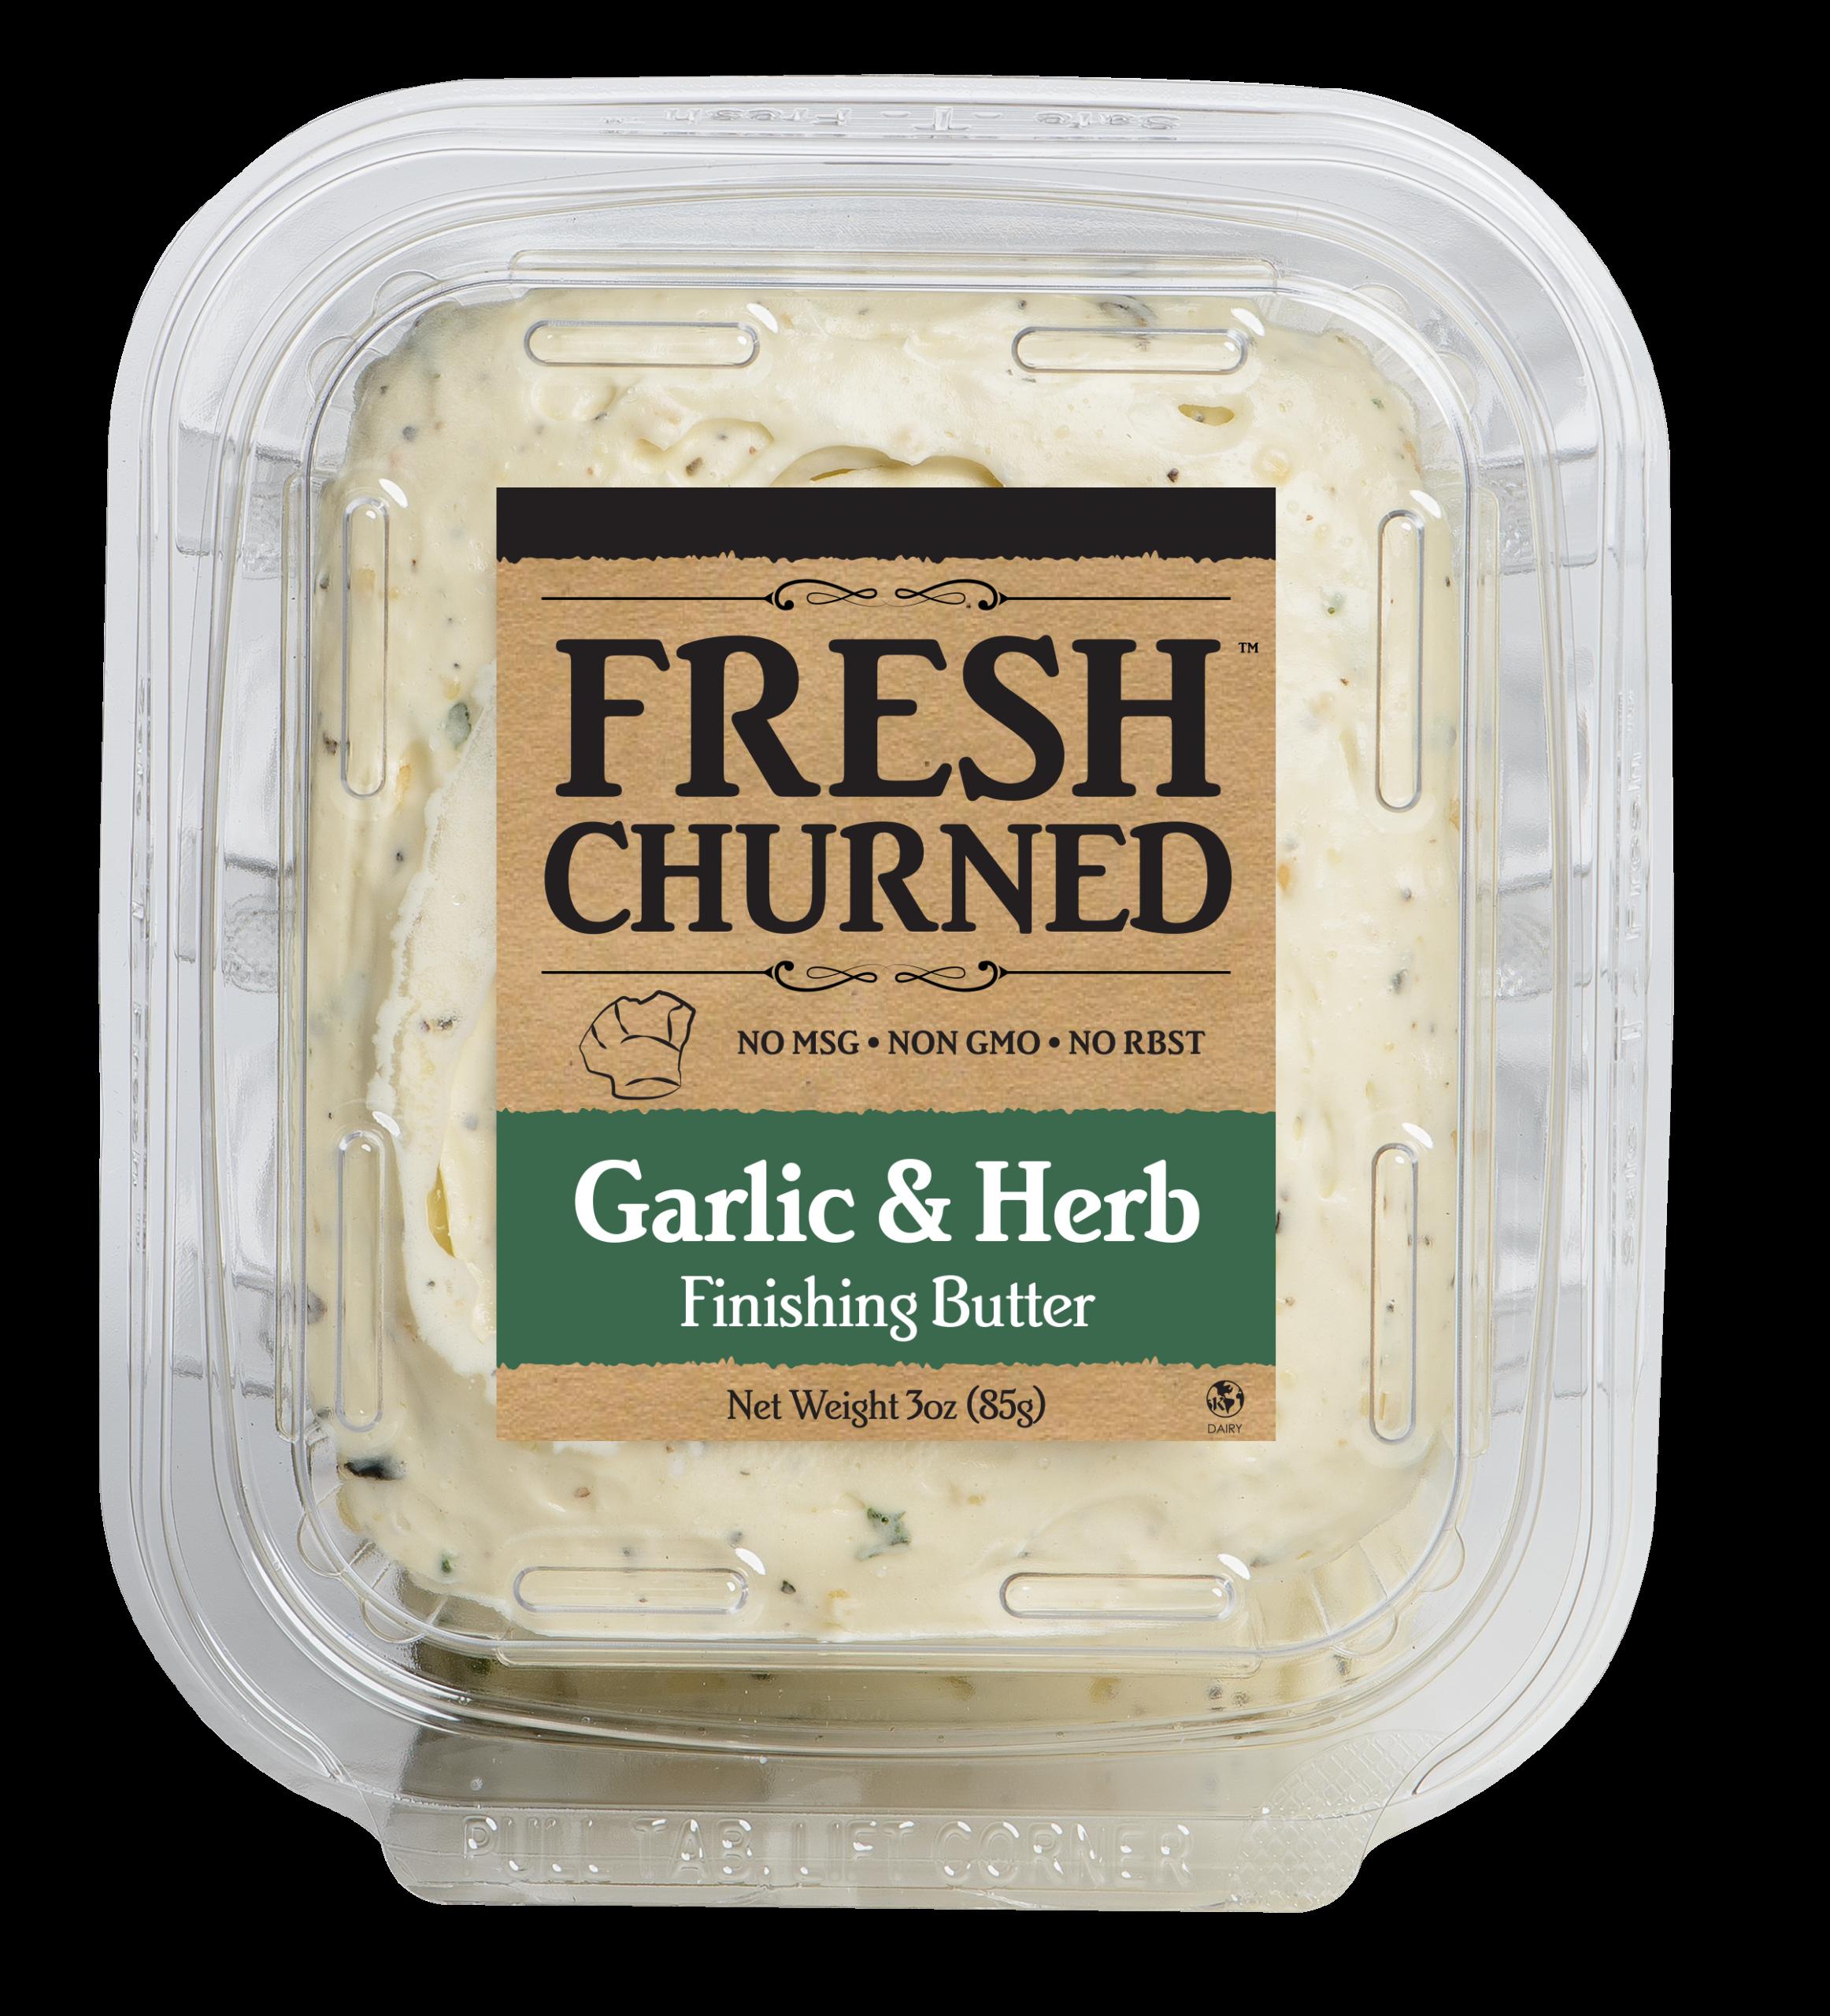 Garlc & Herb Butter